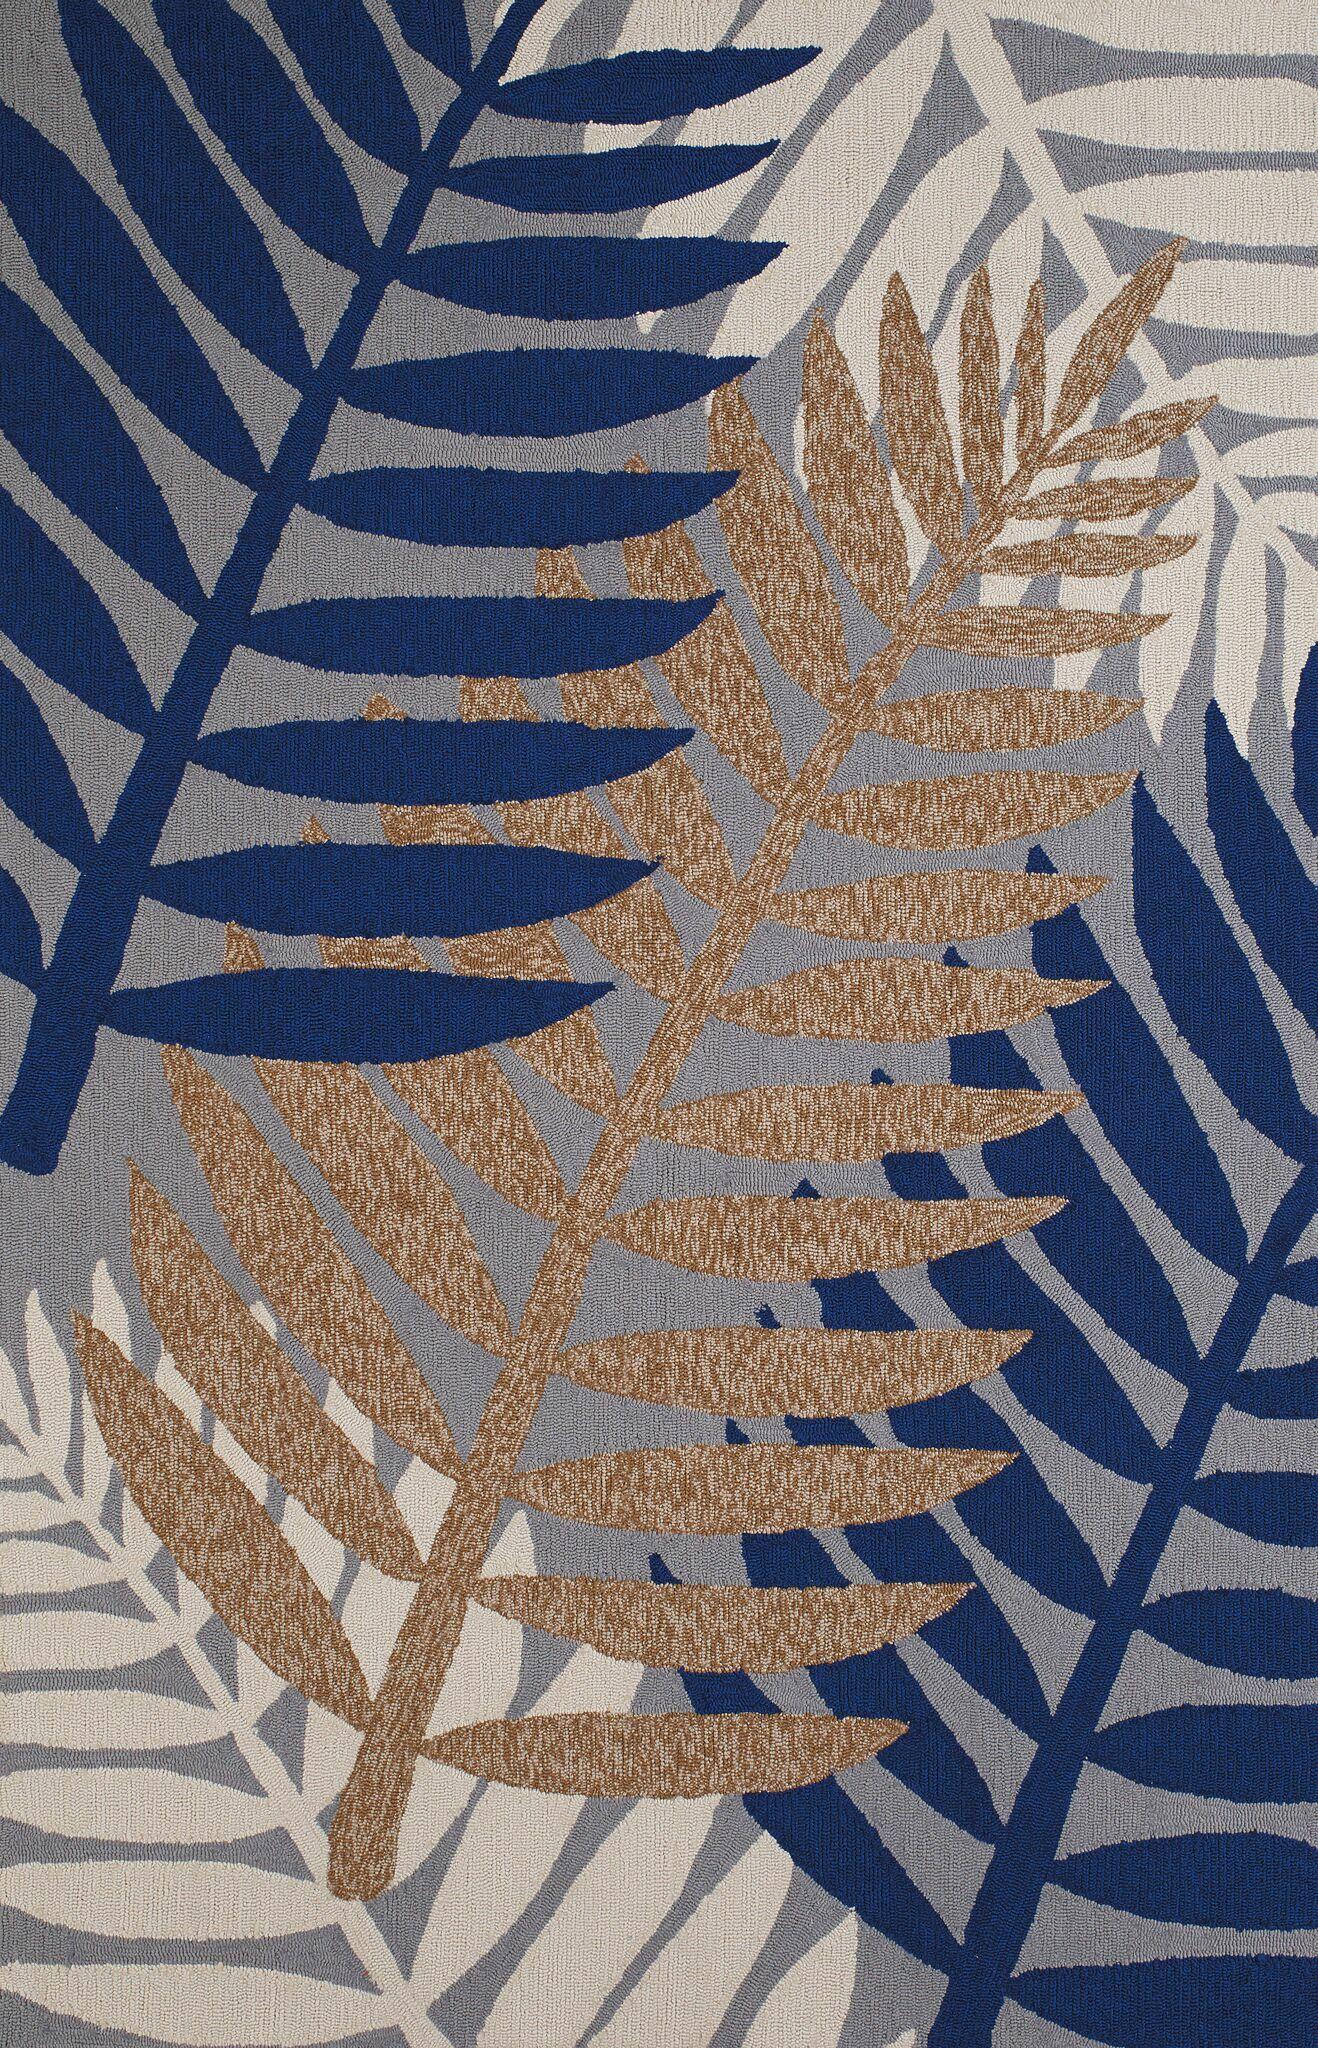 Sunbelt Hand-Woven Gray/Blue Indoor/Outdoor Area Rug Rug Size: 5' x 7'6